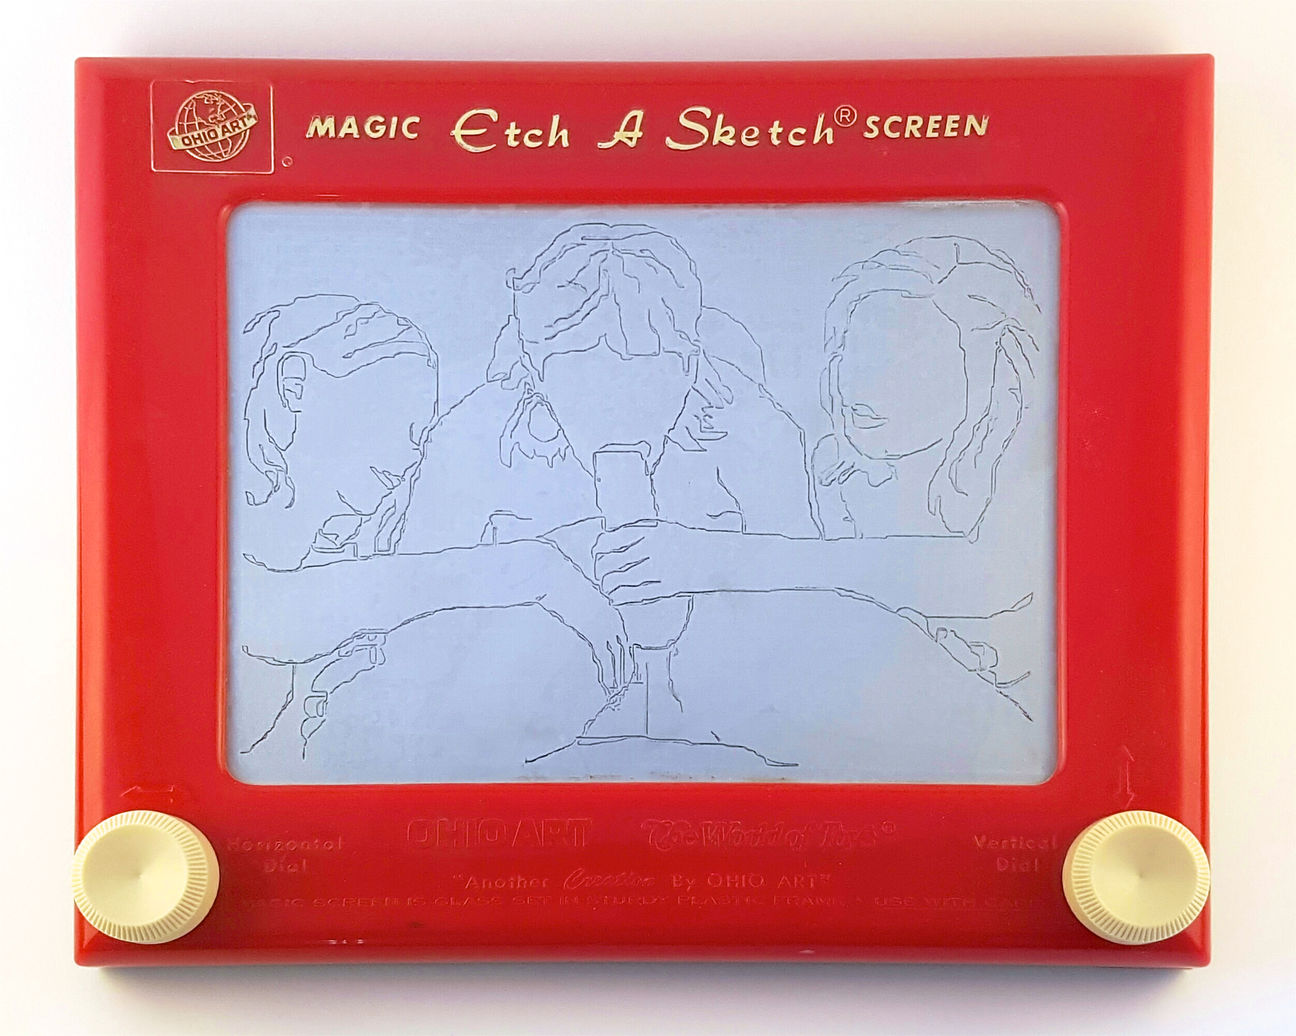 Dessins suggestifs sur un écran magique